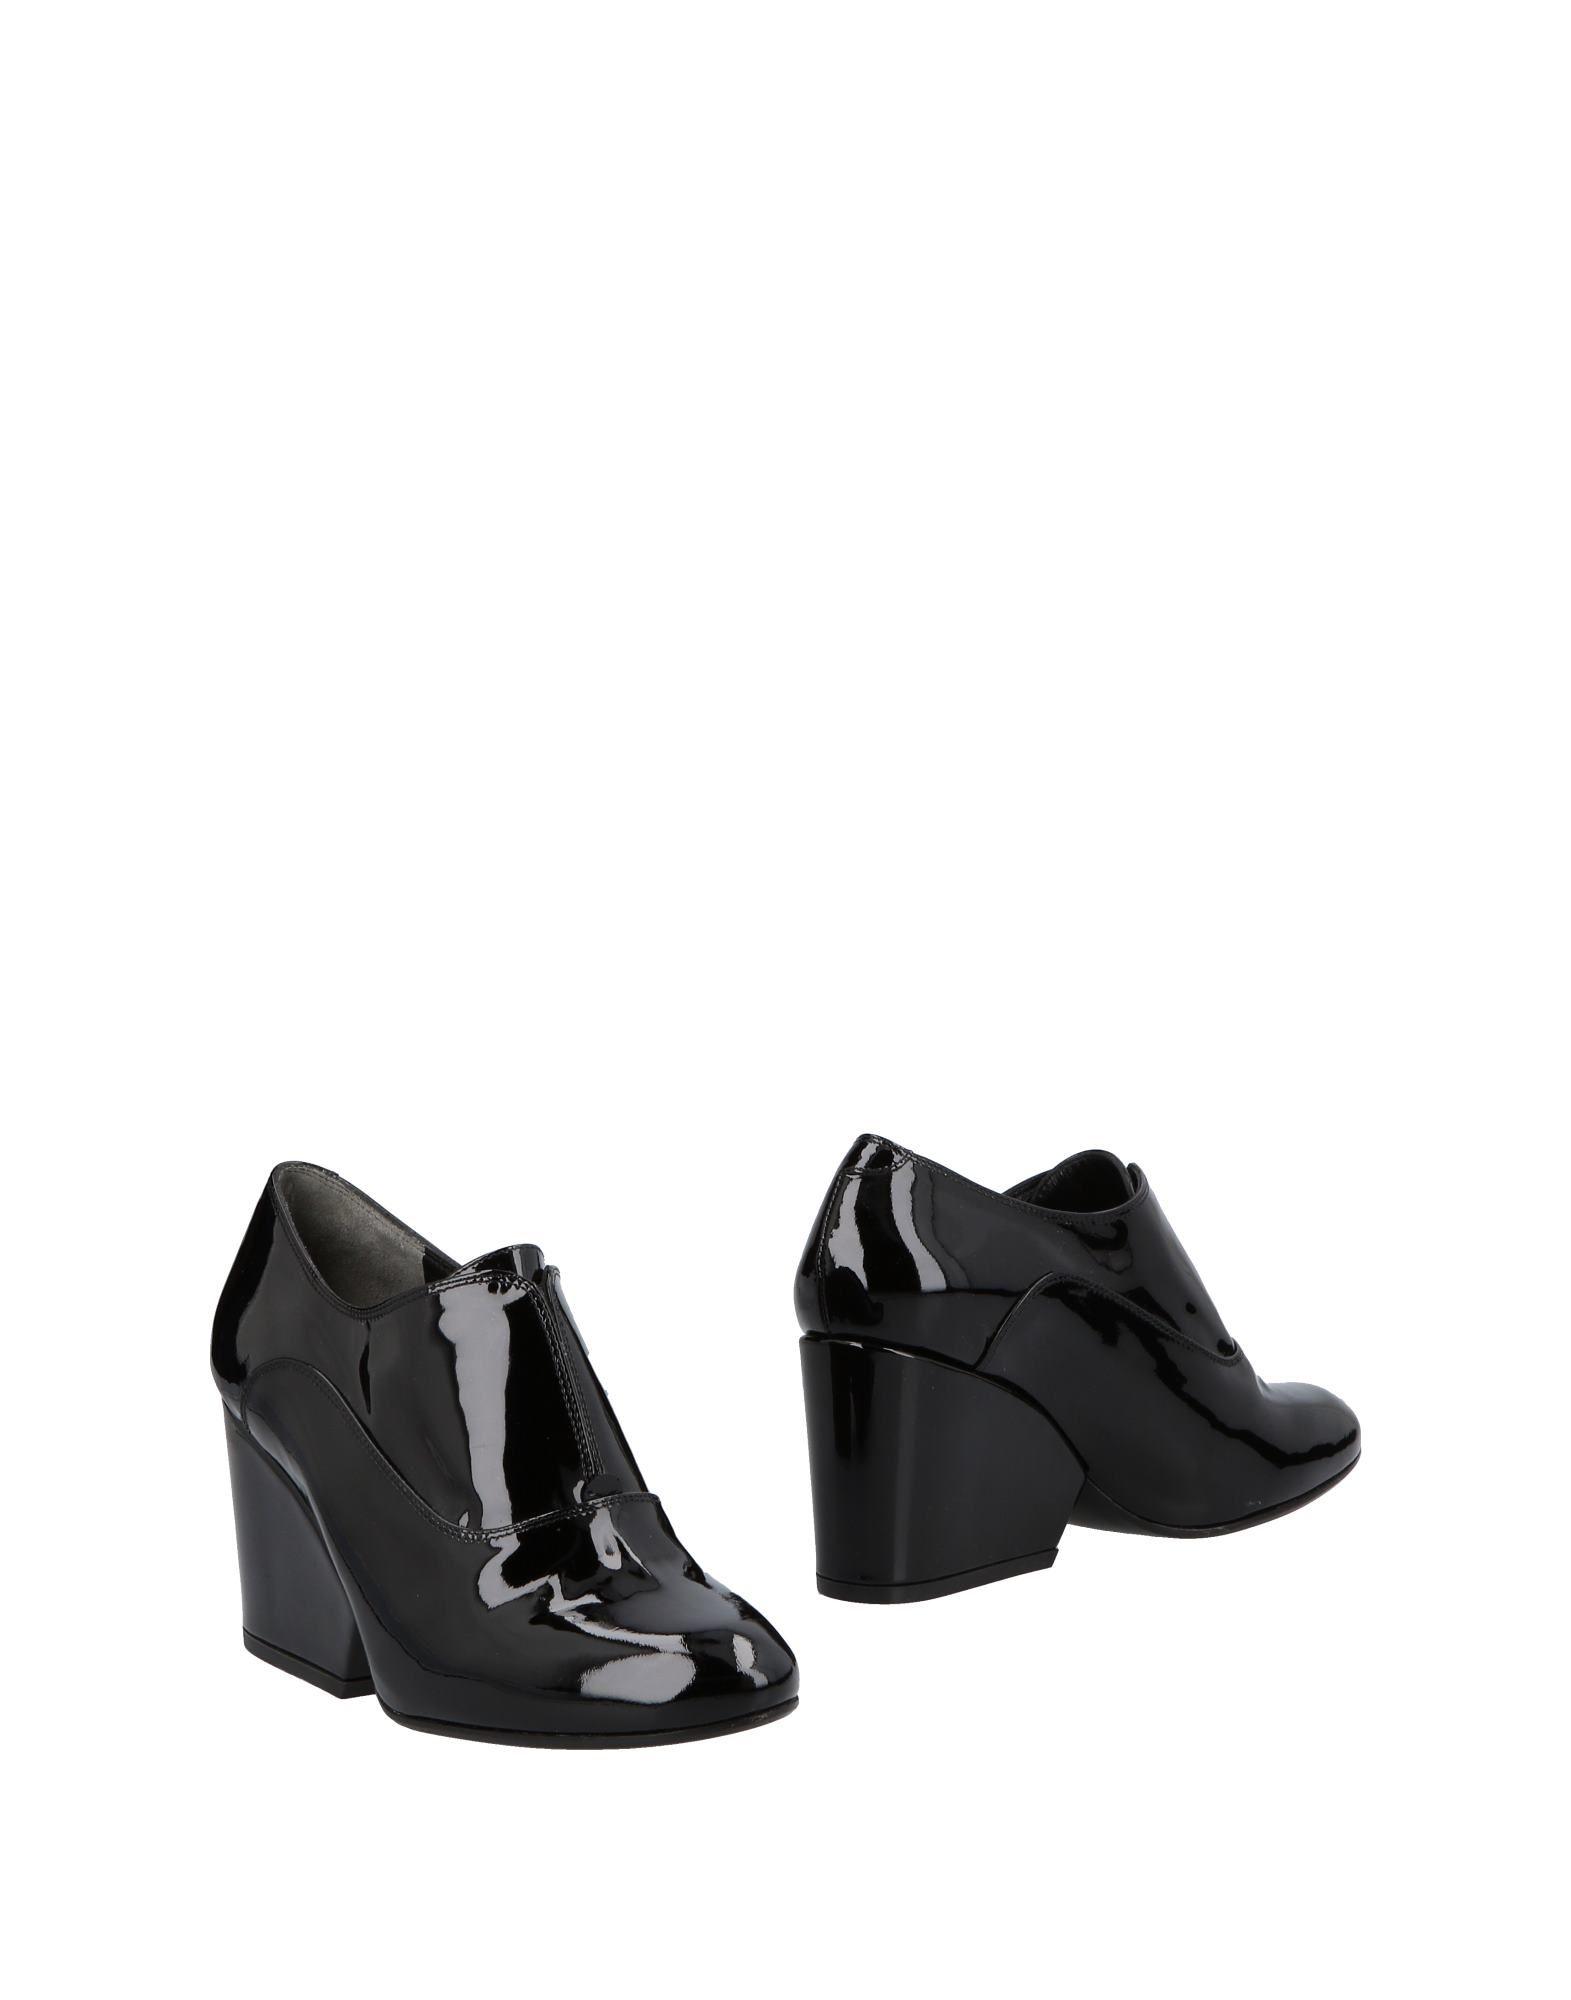 Robert Clergerie Stiefelette Damen  11286237ORGut aussehende strapazierfähige Schuhe